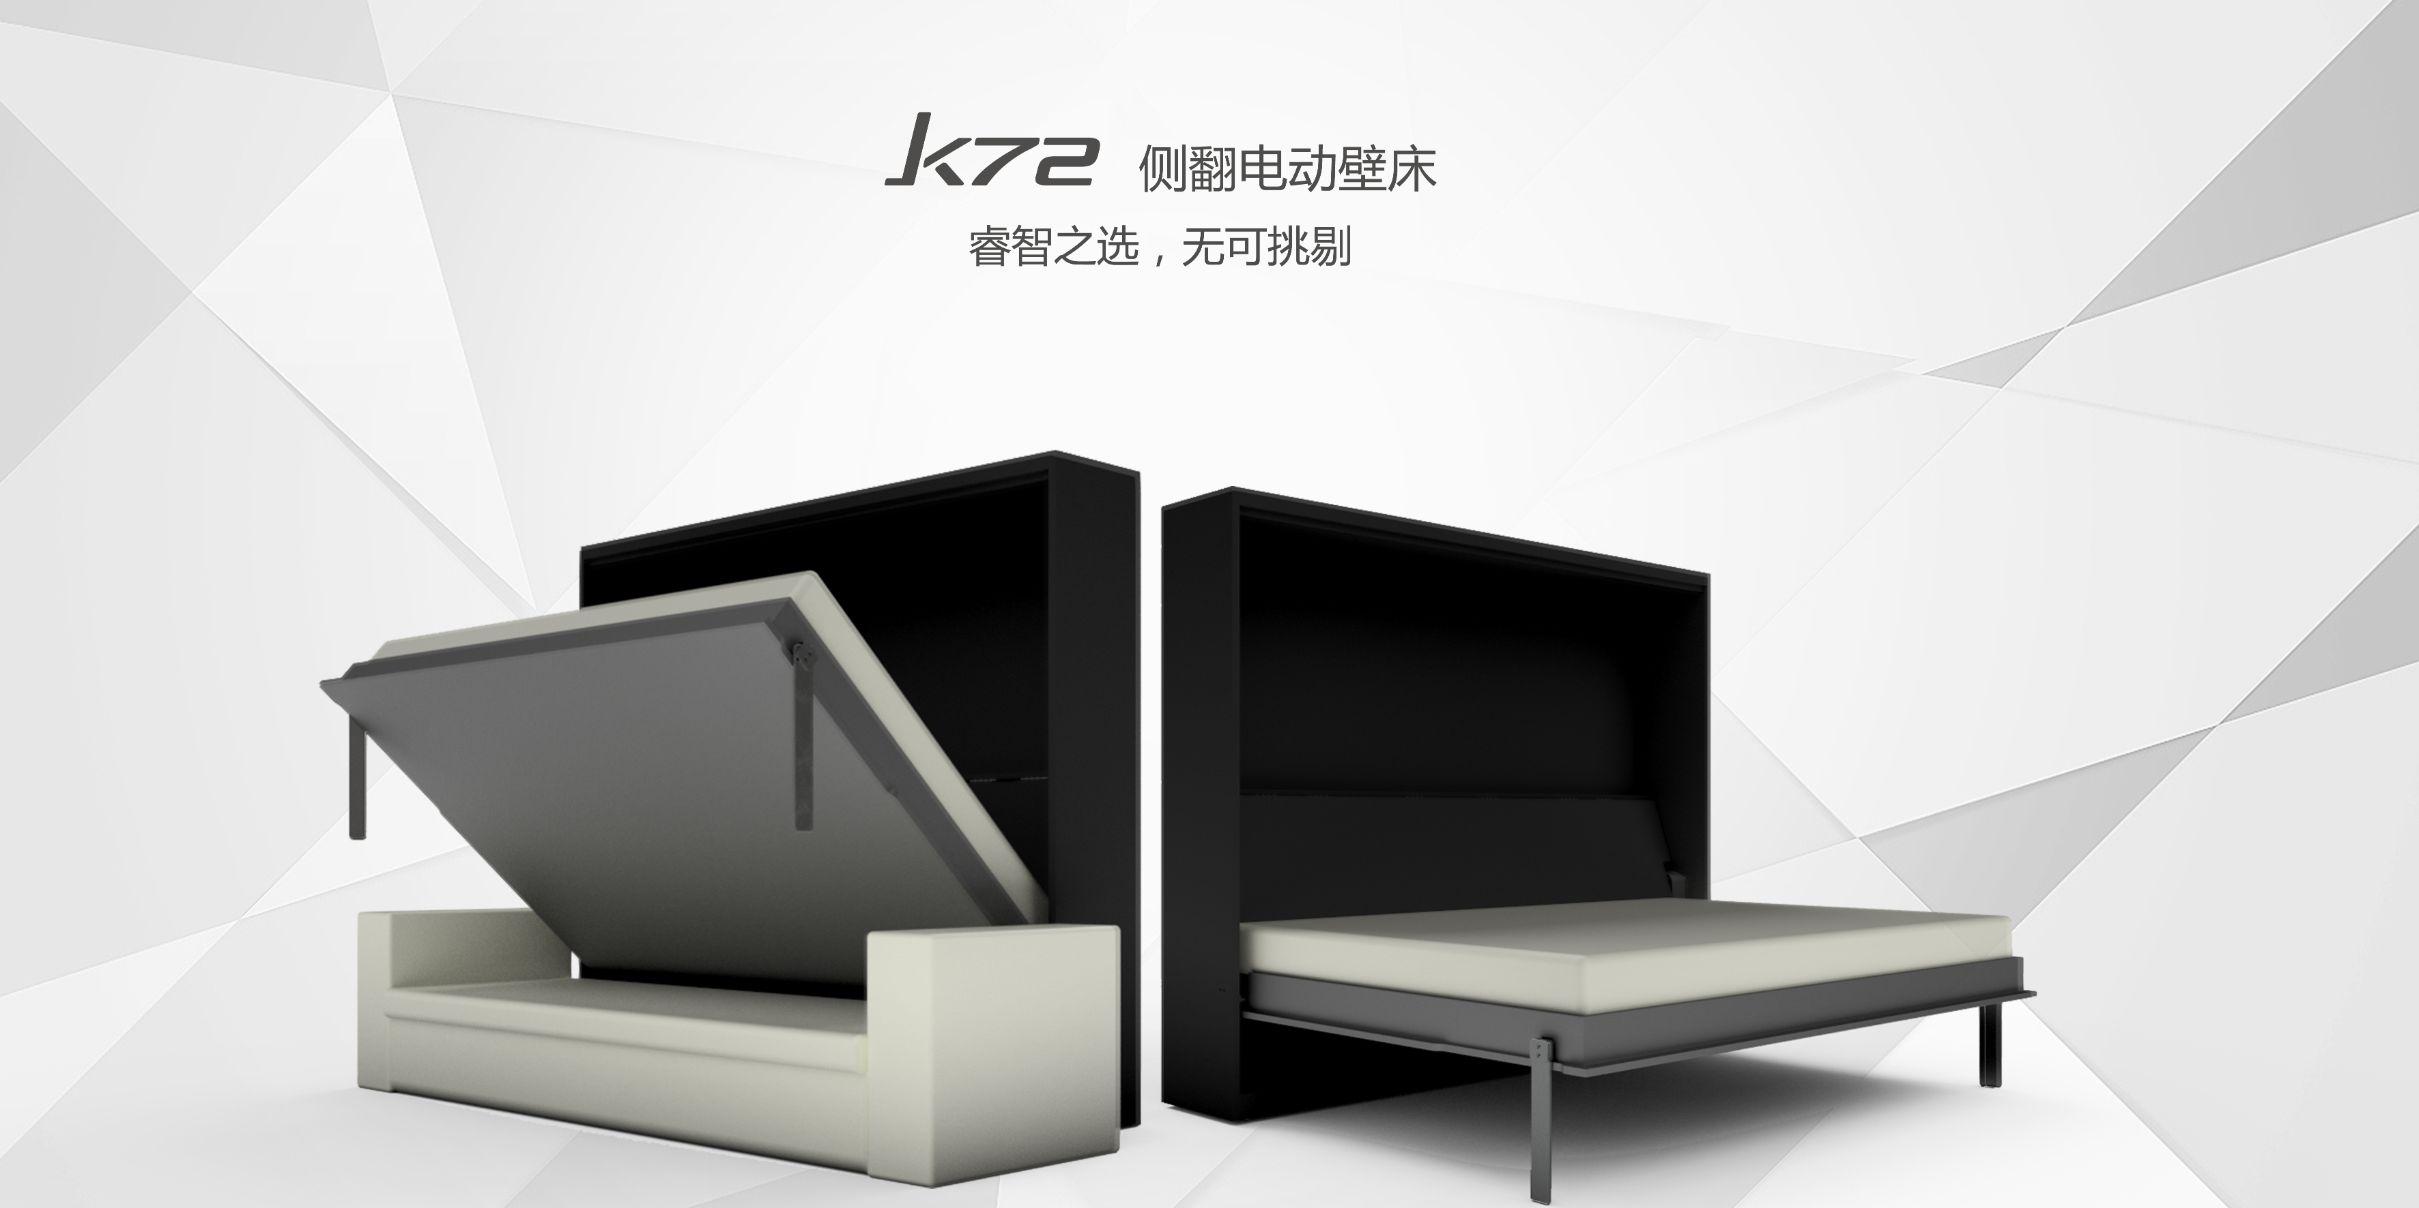 K72电动动首页图